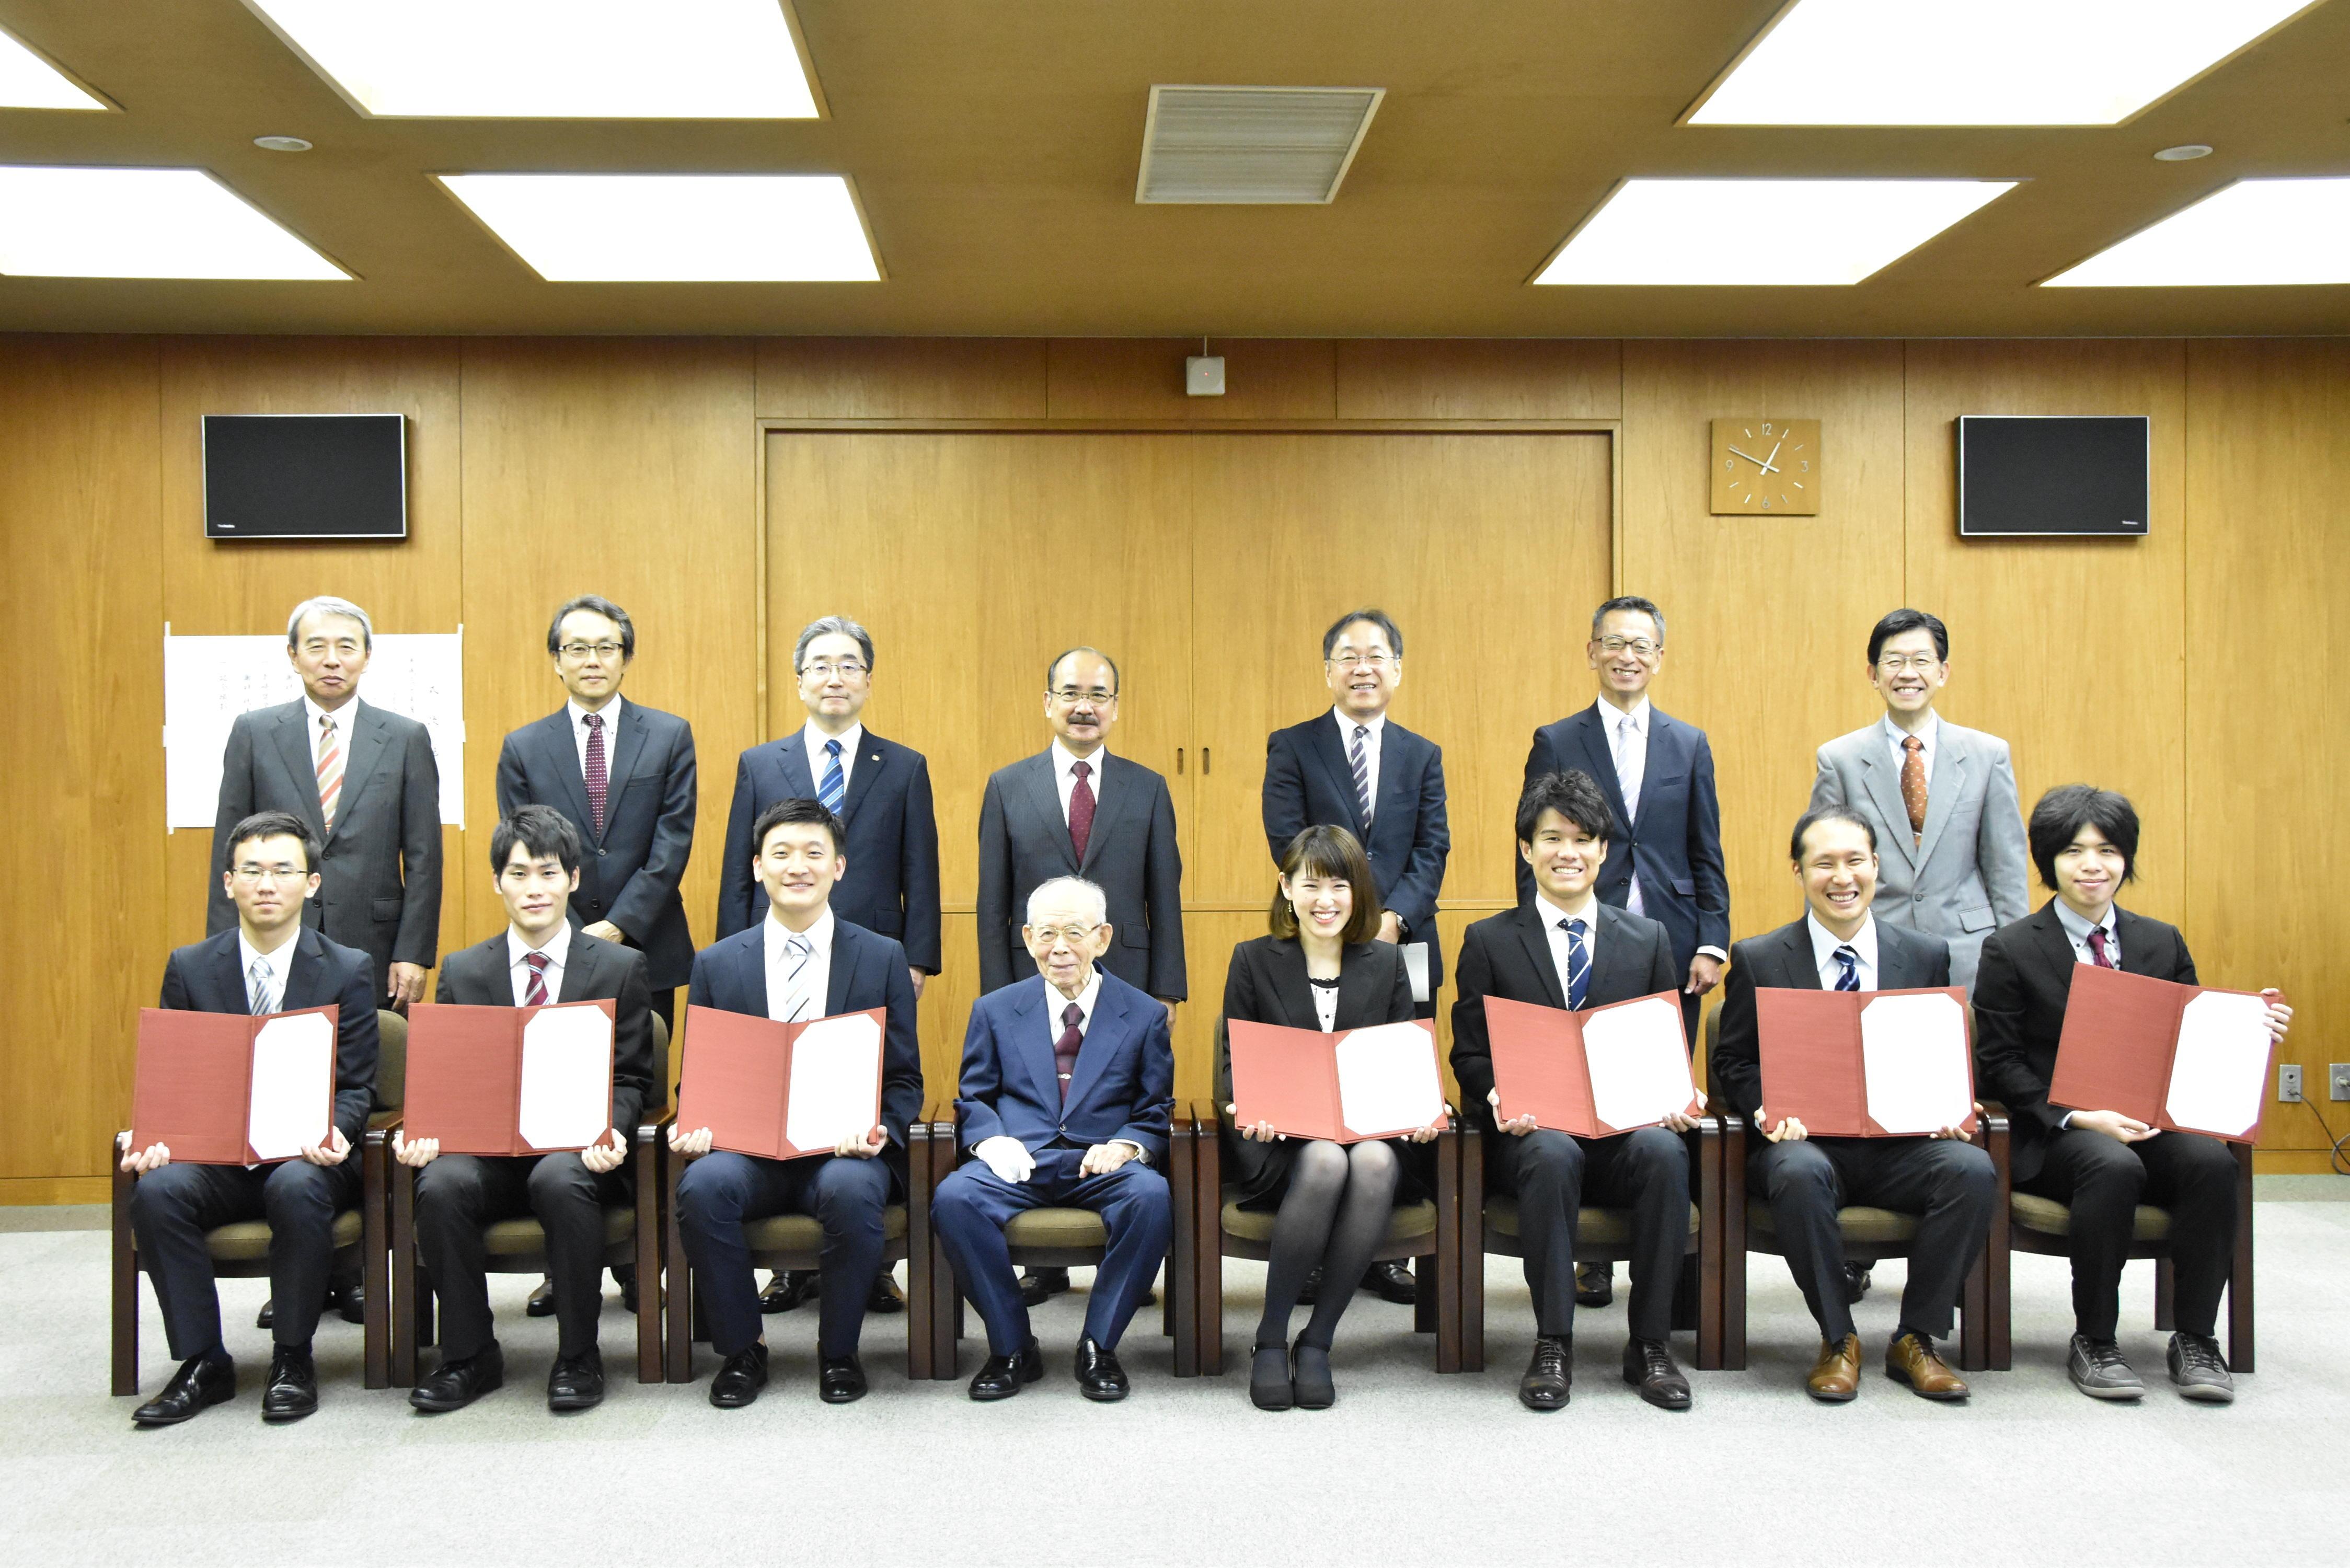 (前列左から)中村さん、近藤さん、リュウさん、赤﨑終身教授、内田さん、柘植さん、伊藤さん、山下さん